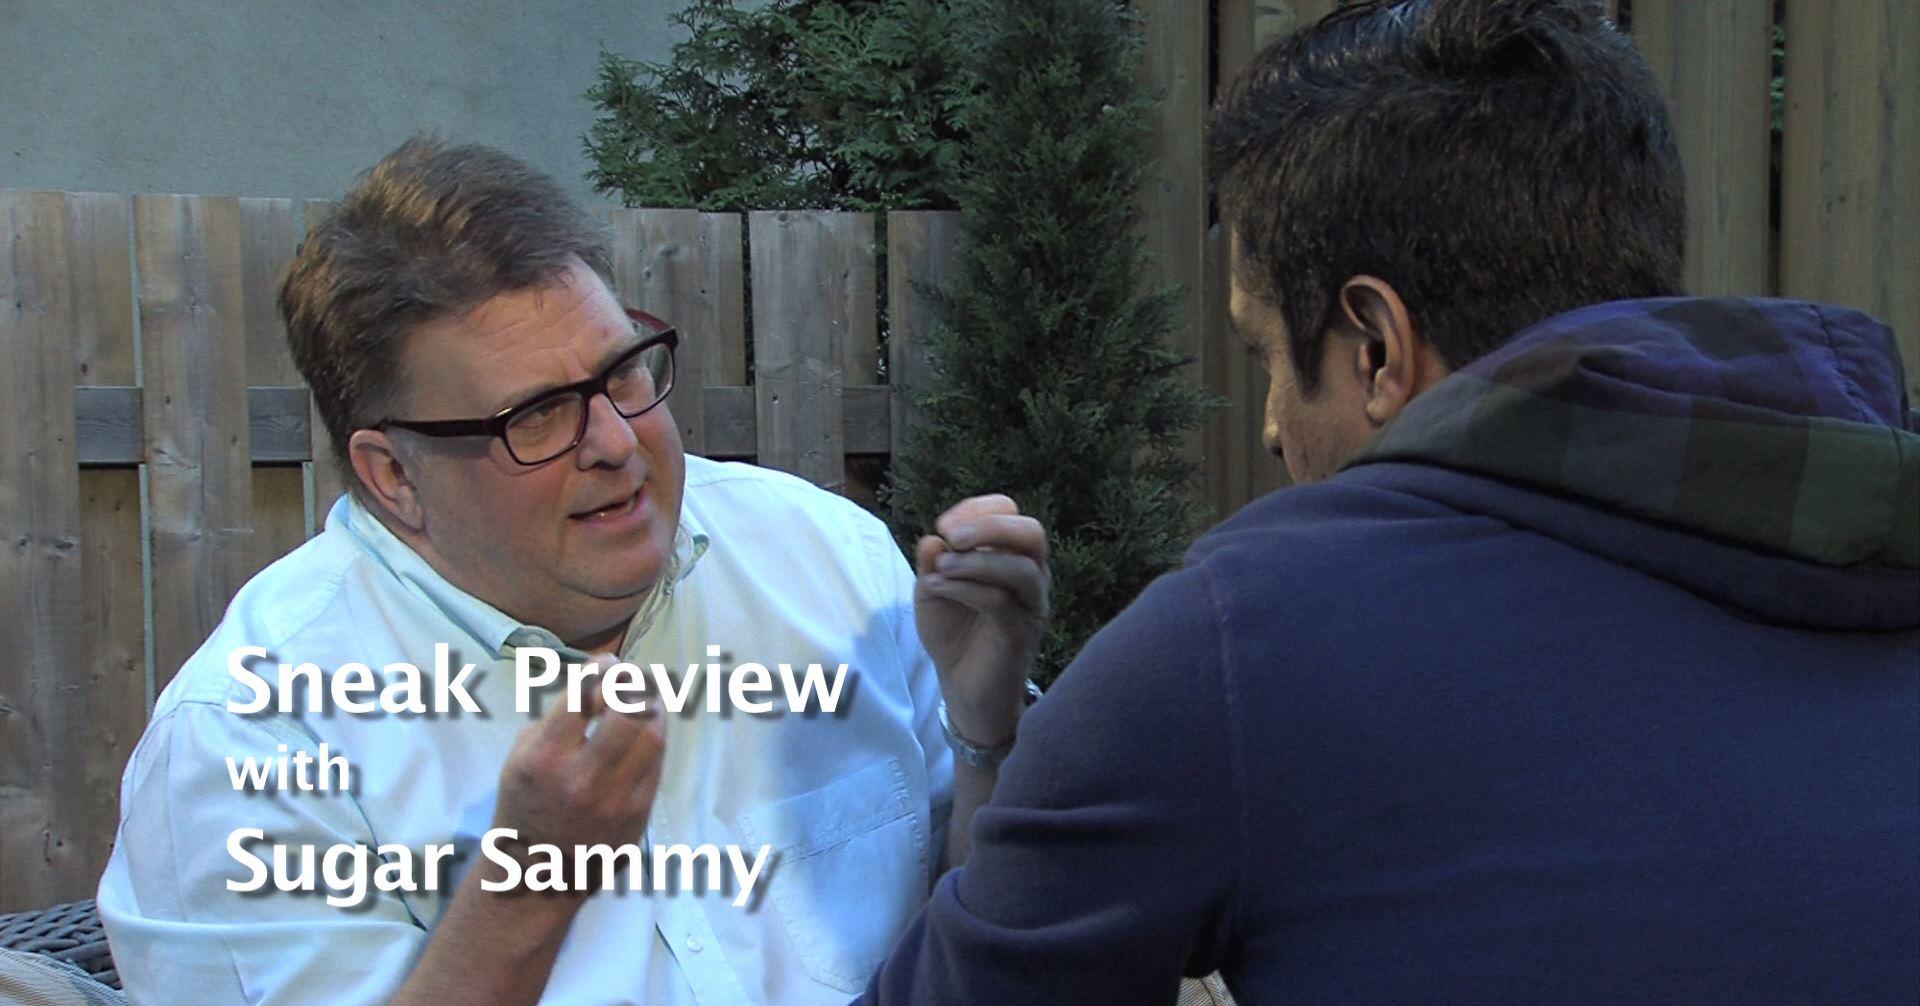 SUGAR SAMMY PREVIEW #4